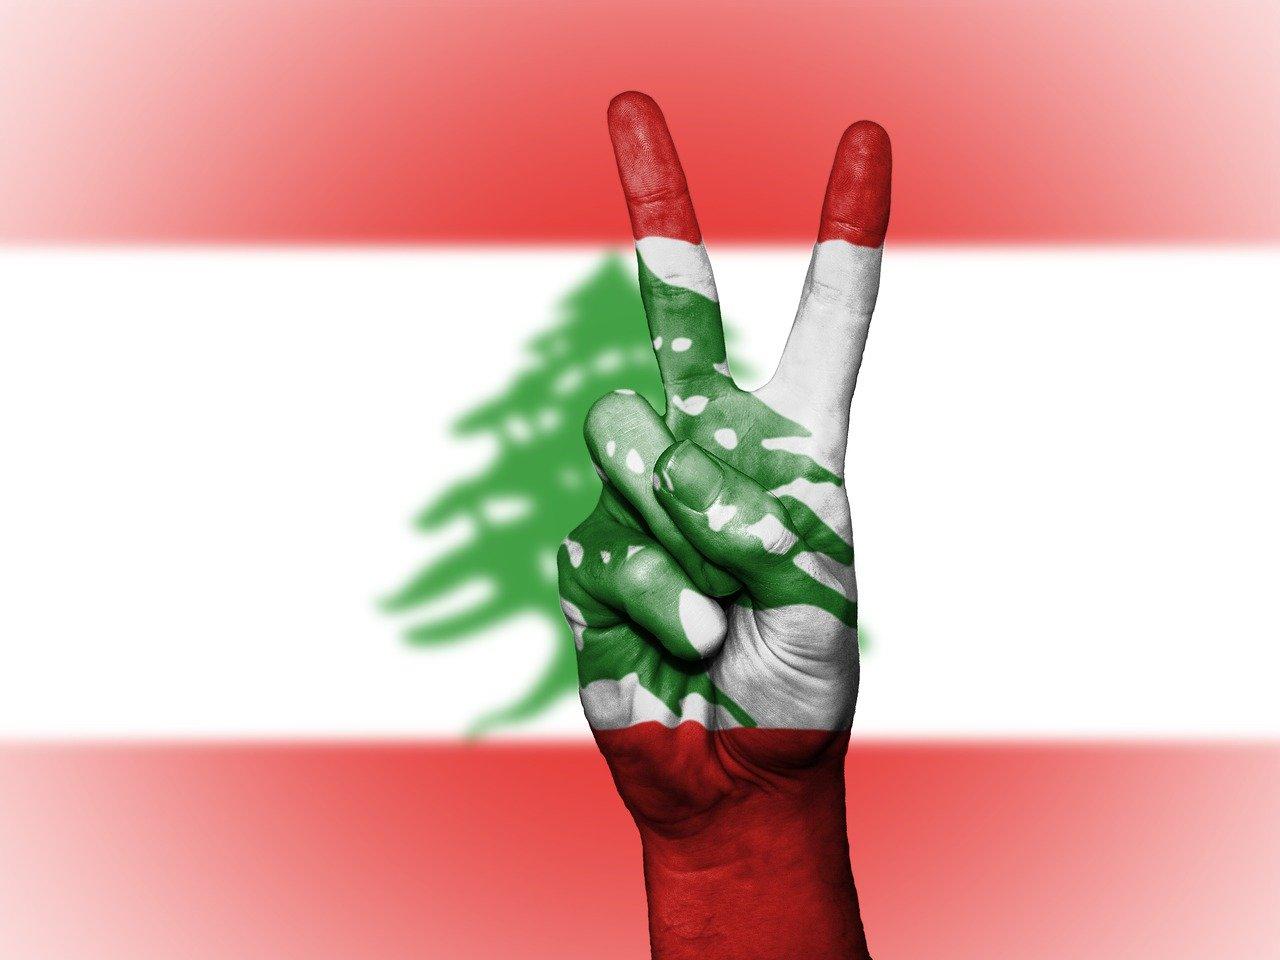 تخصيص اي هيرب بالعربي للبنان